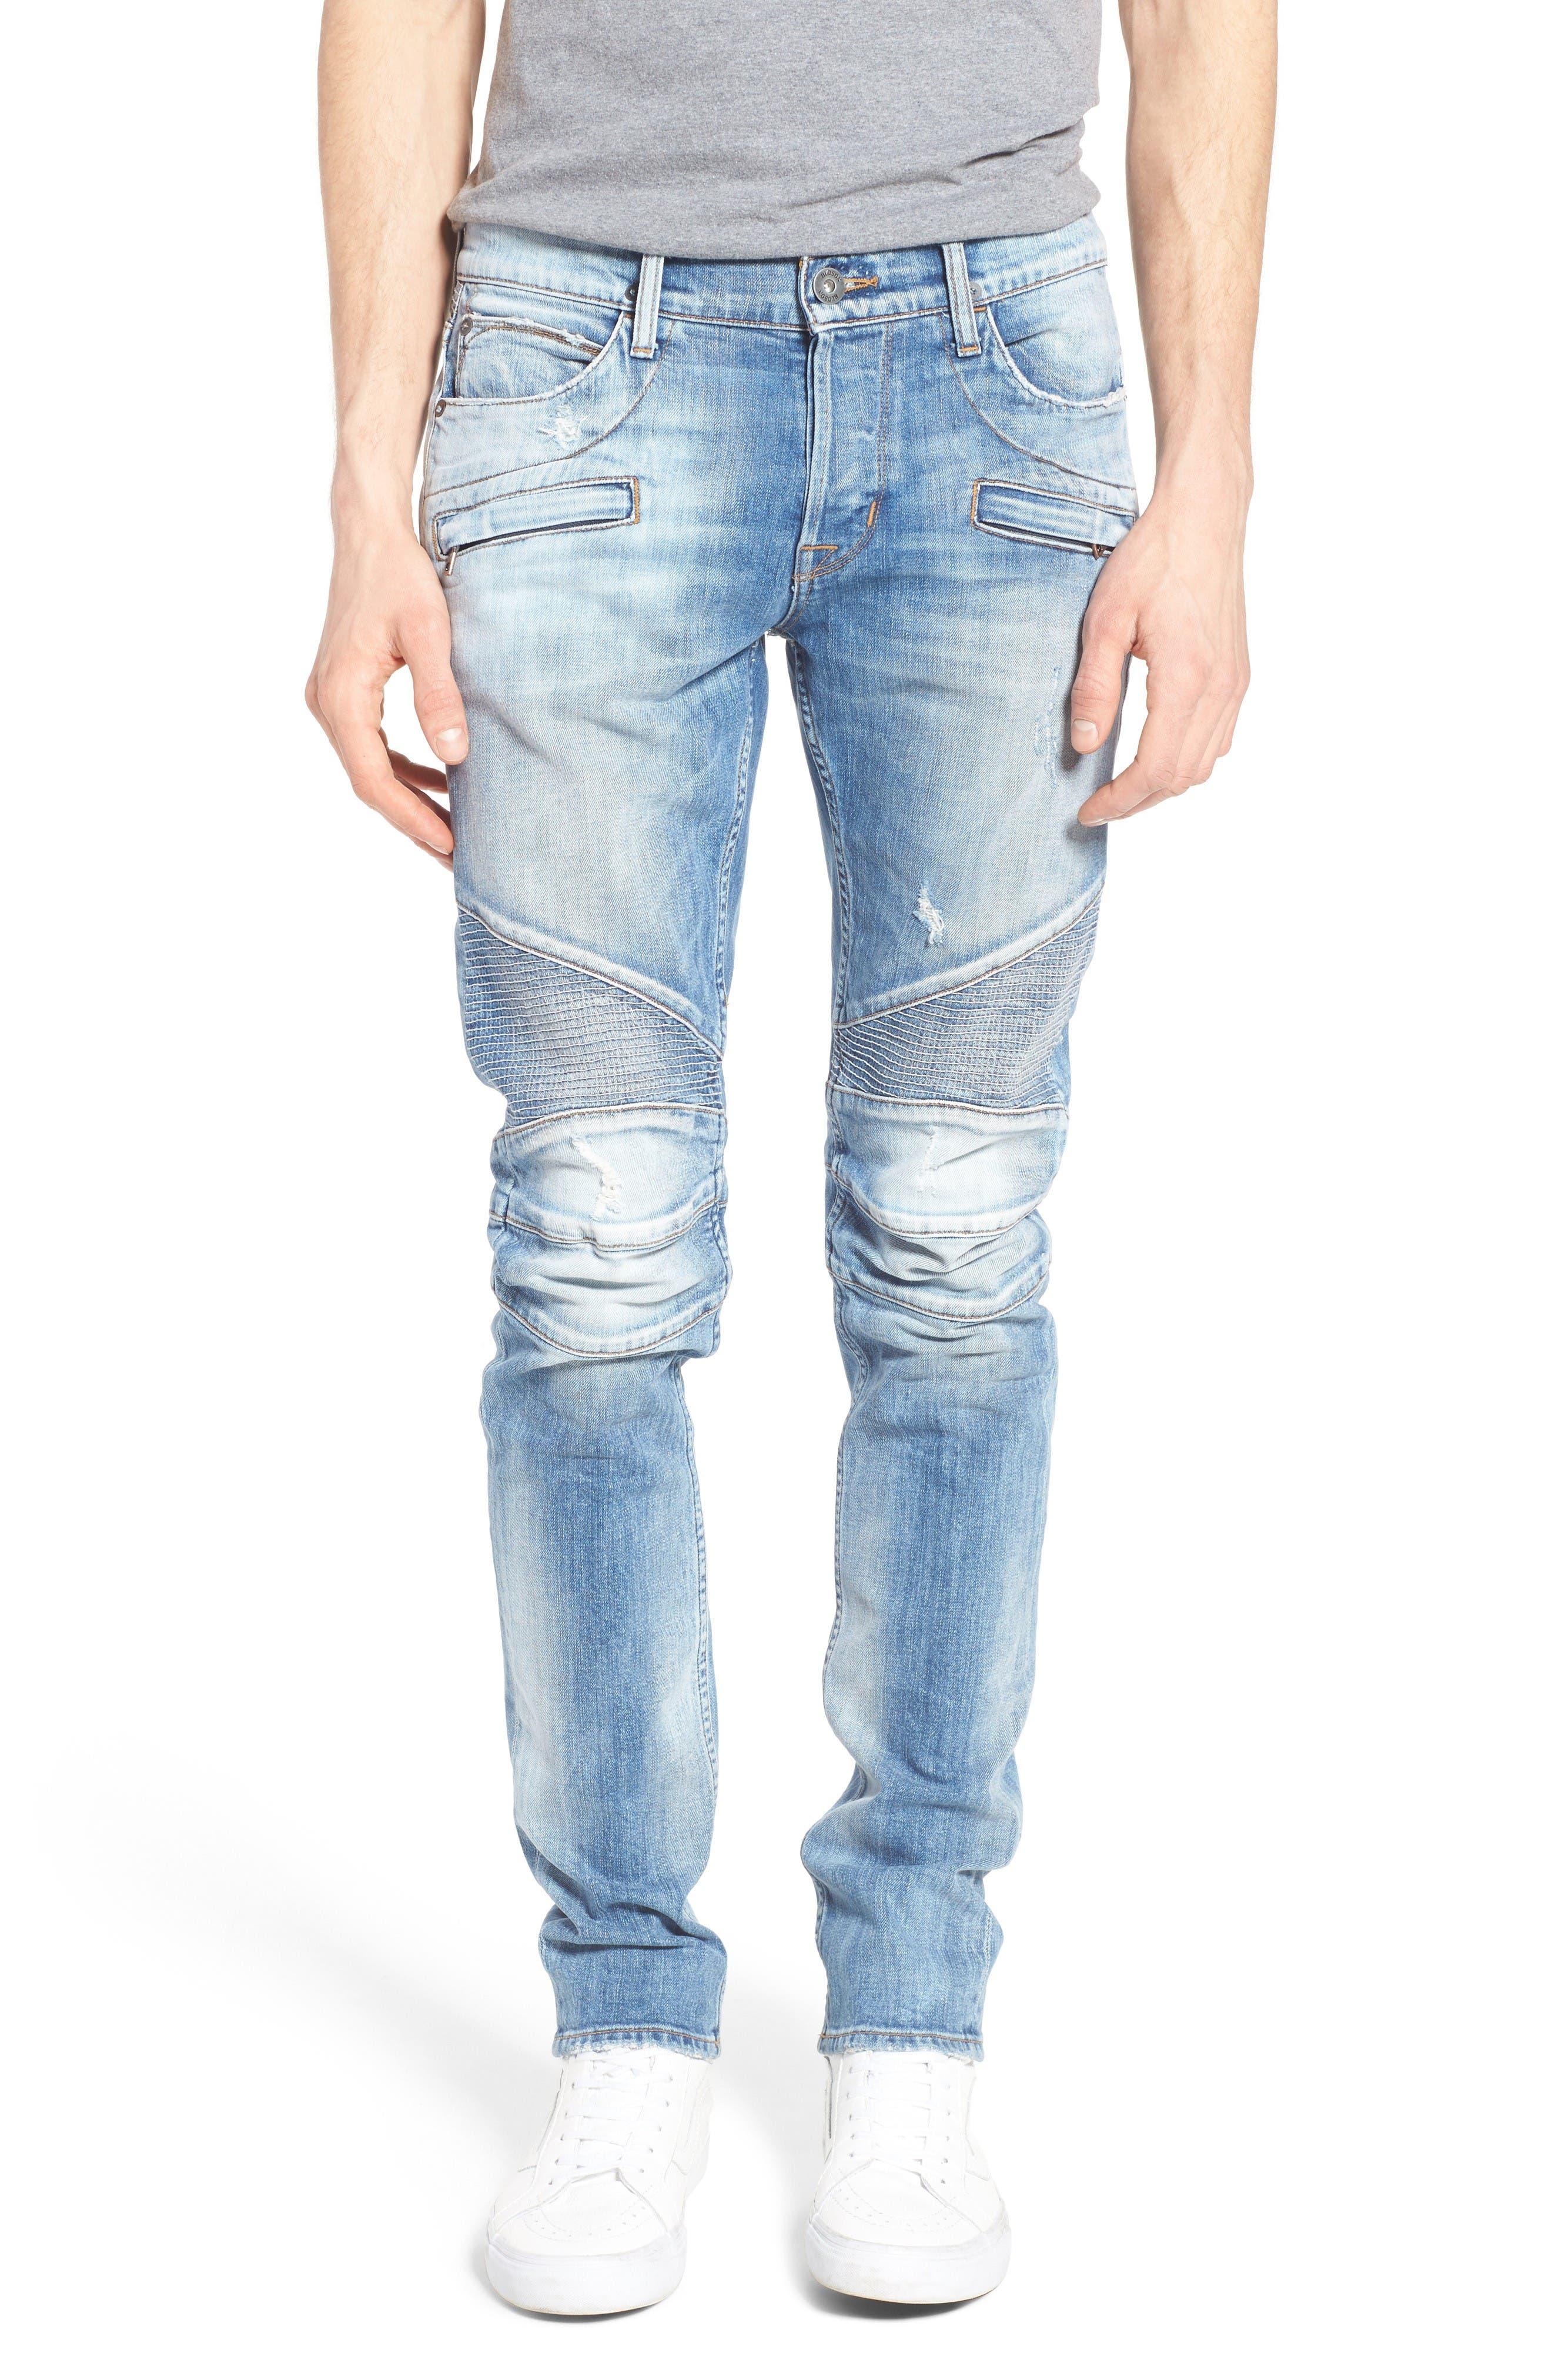 Hudson Jeans Blinder Skinny Fit Moto Jeans (Thrash)